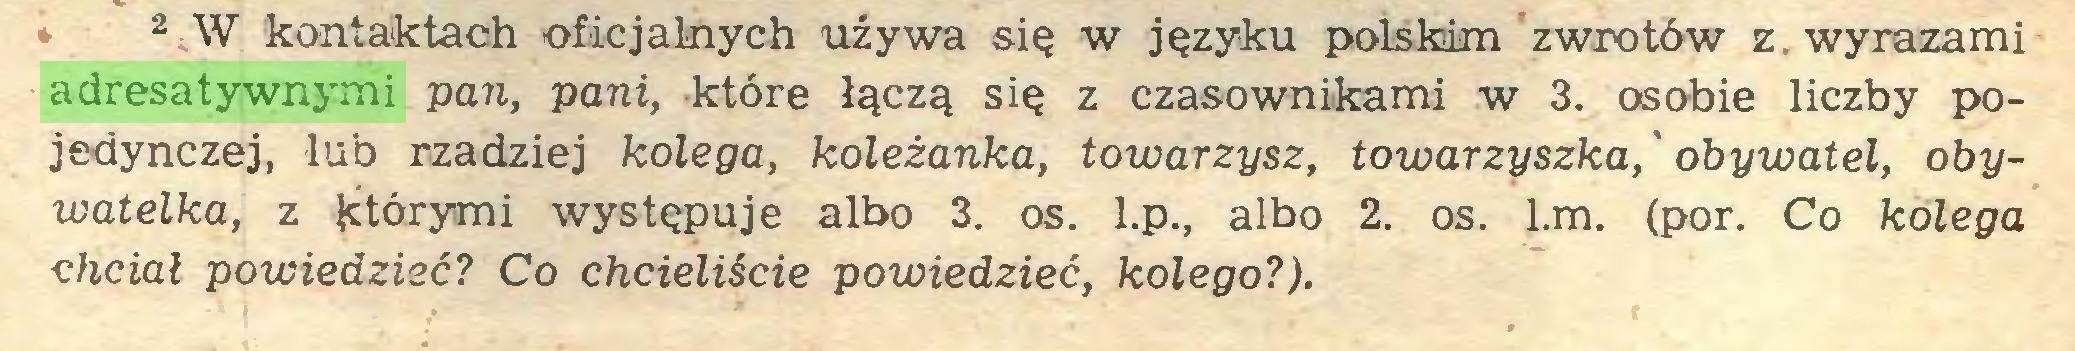 (...) 2 W kontaktach oficjalnych używa się w języku polskim zwrotów z. wyrazami adresatywnymi pan, pani, które łączą się z czasownikami w 3. osobie liczby pojedynczej, lub rzadziej kolega, koleżanka, towarzysz, towarzyszka,' obywatel, obywatelka, z którymi występuje albo 3. os. l.p., albo 2. os. l.m. (por. Co kolega chciał powiedzieć? Co chcieliście powiedzieć, kolego?)...